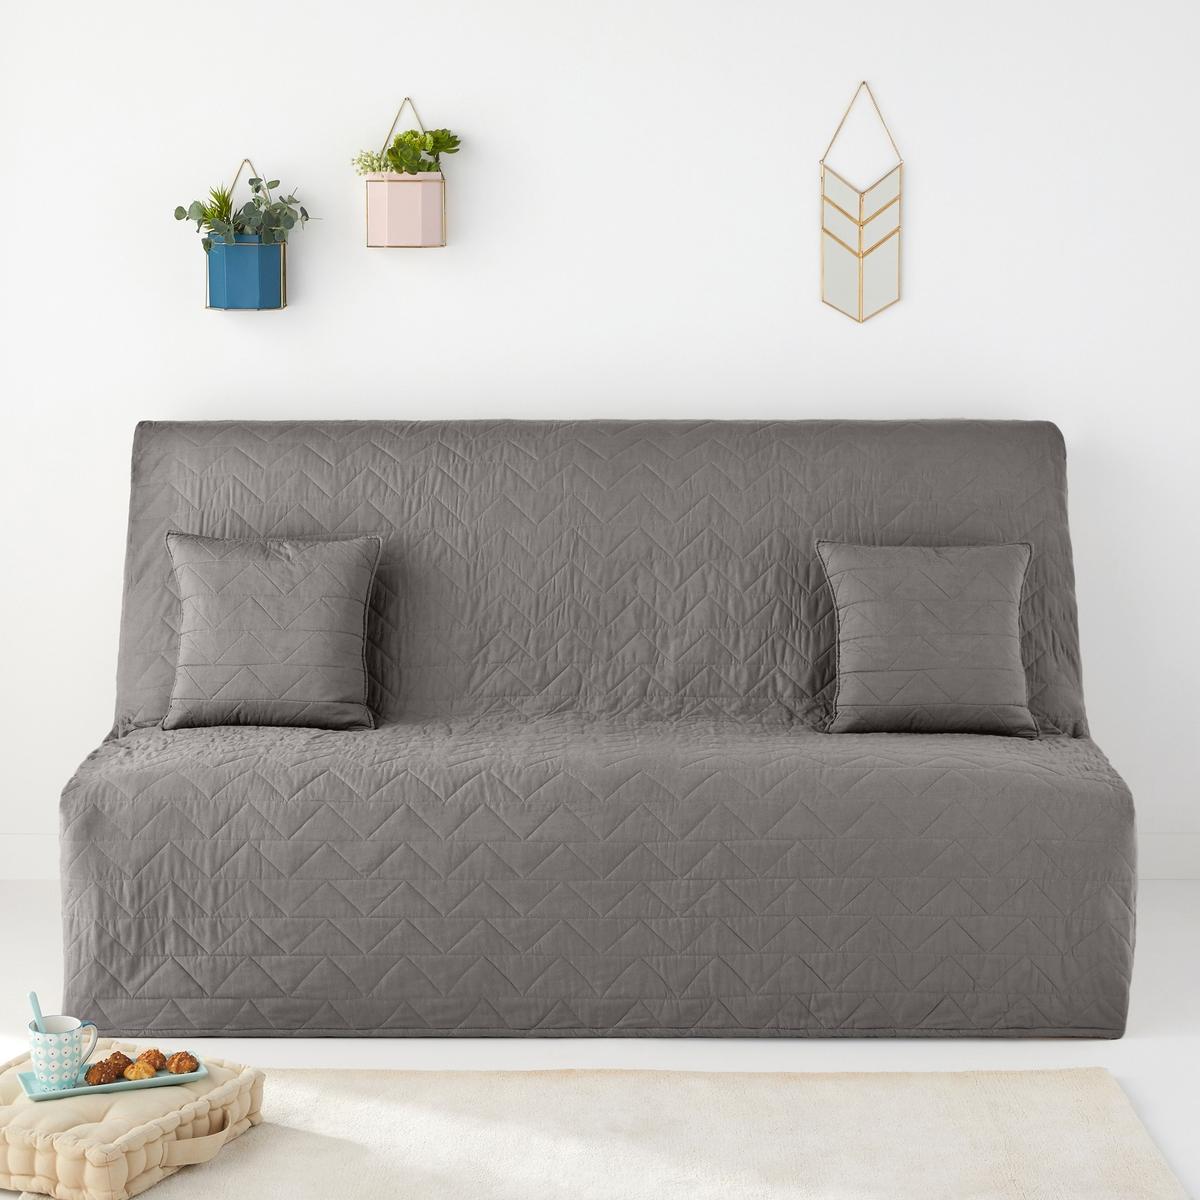 Стеганый LaRedoute Чехол для раскладного дивана Zig Zag Scenario единый размер серый